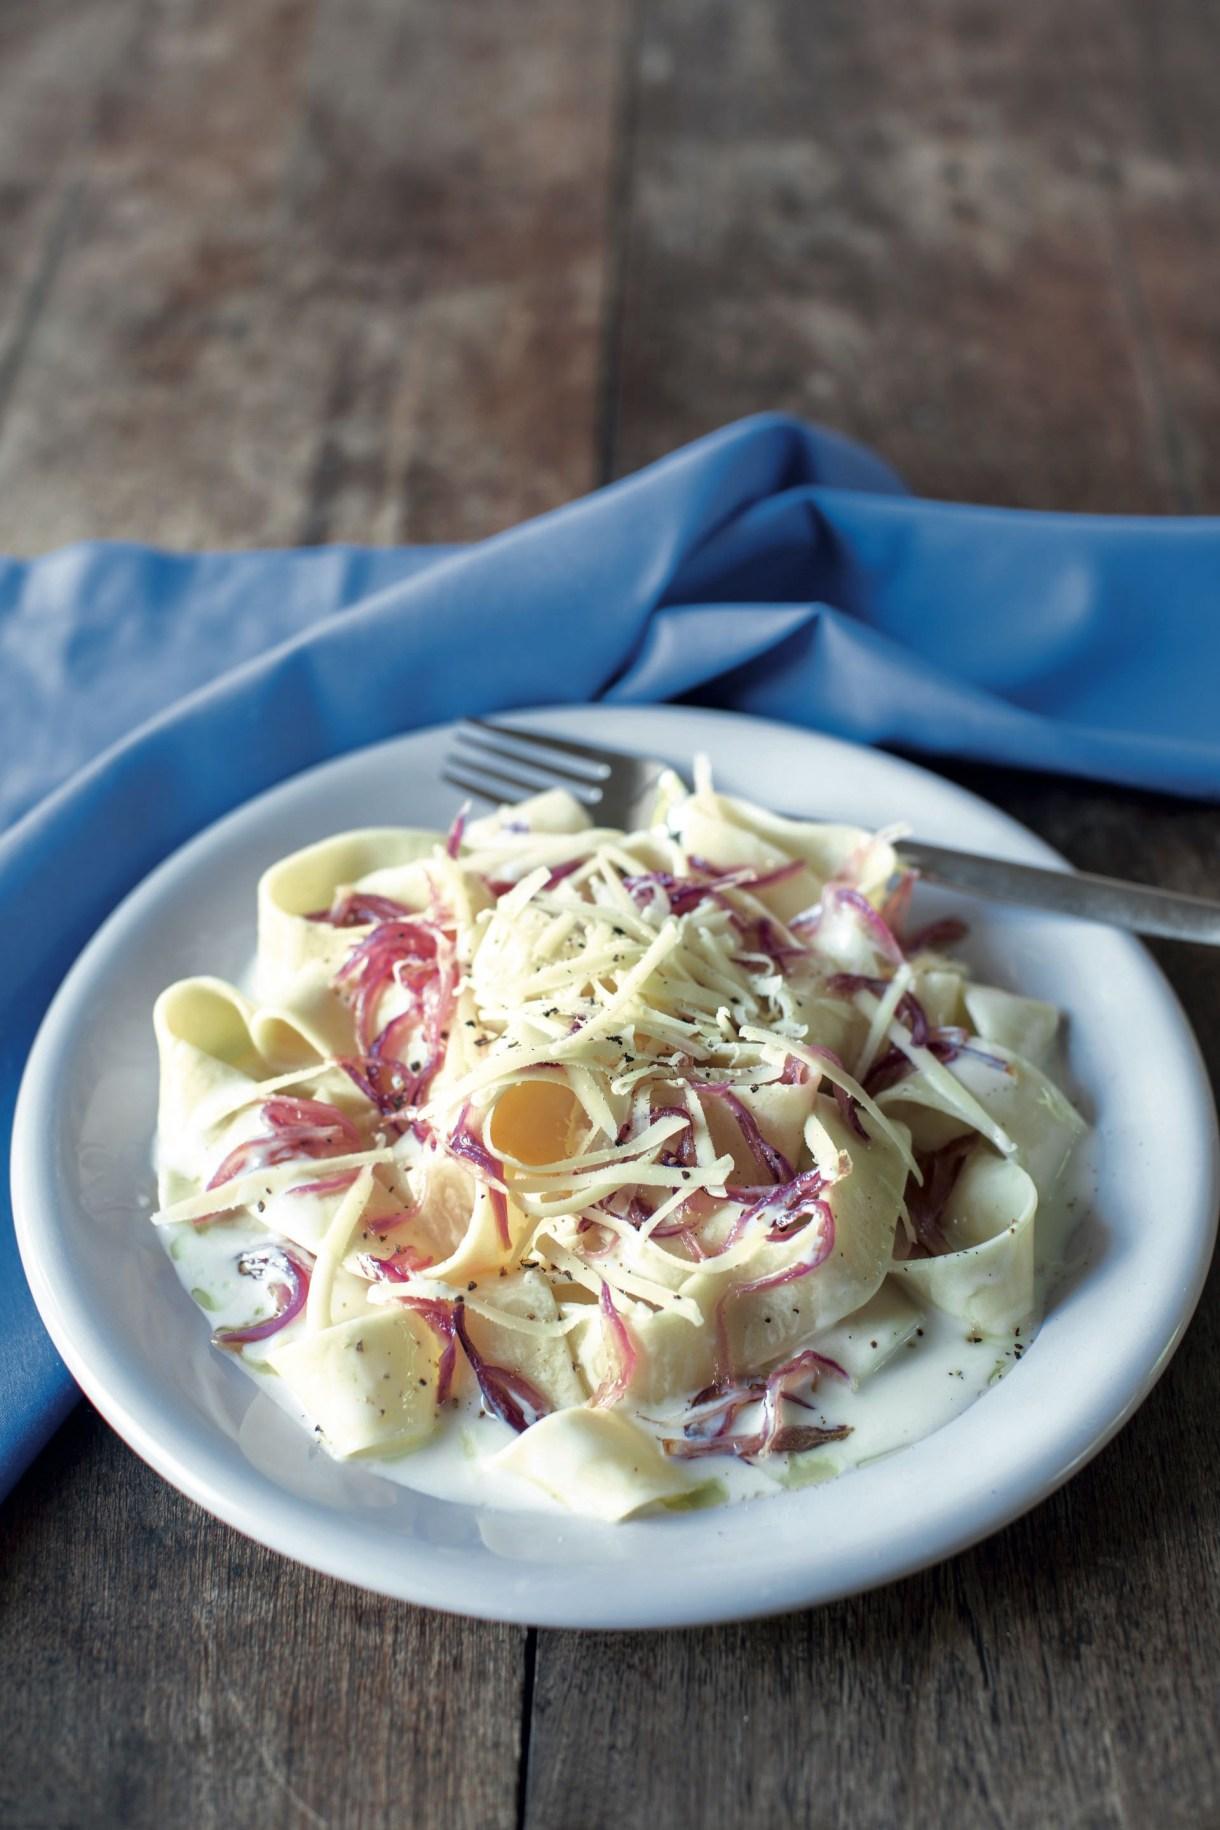 Para tener cebollas caramelizadas a mano es ideal hacer tres veces la receta, colocarlas en porciones en bolsitas y congelarlas. Se calientan en el momento de usar.